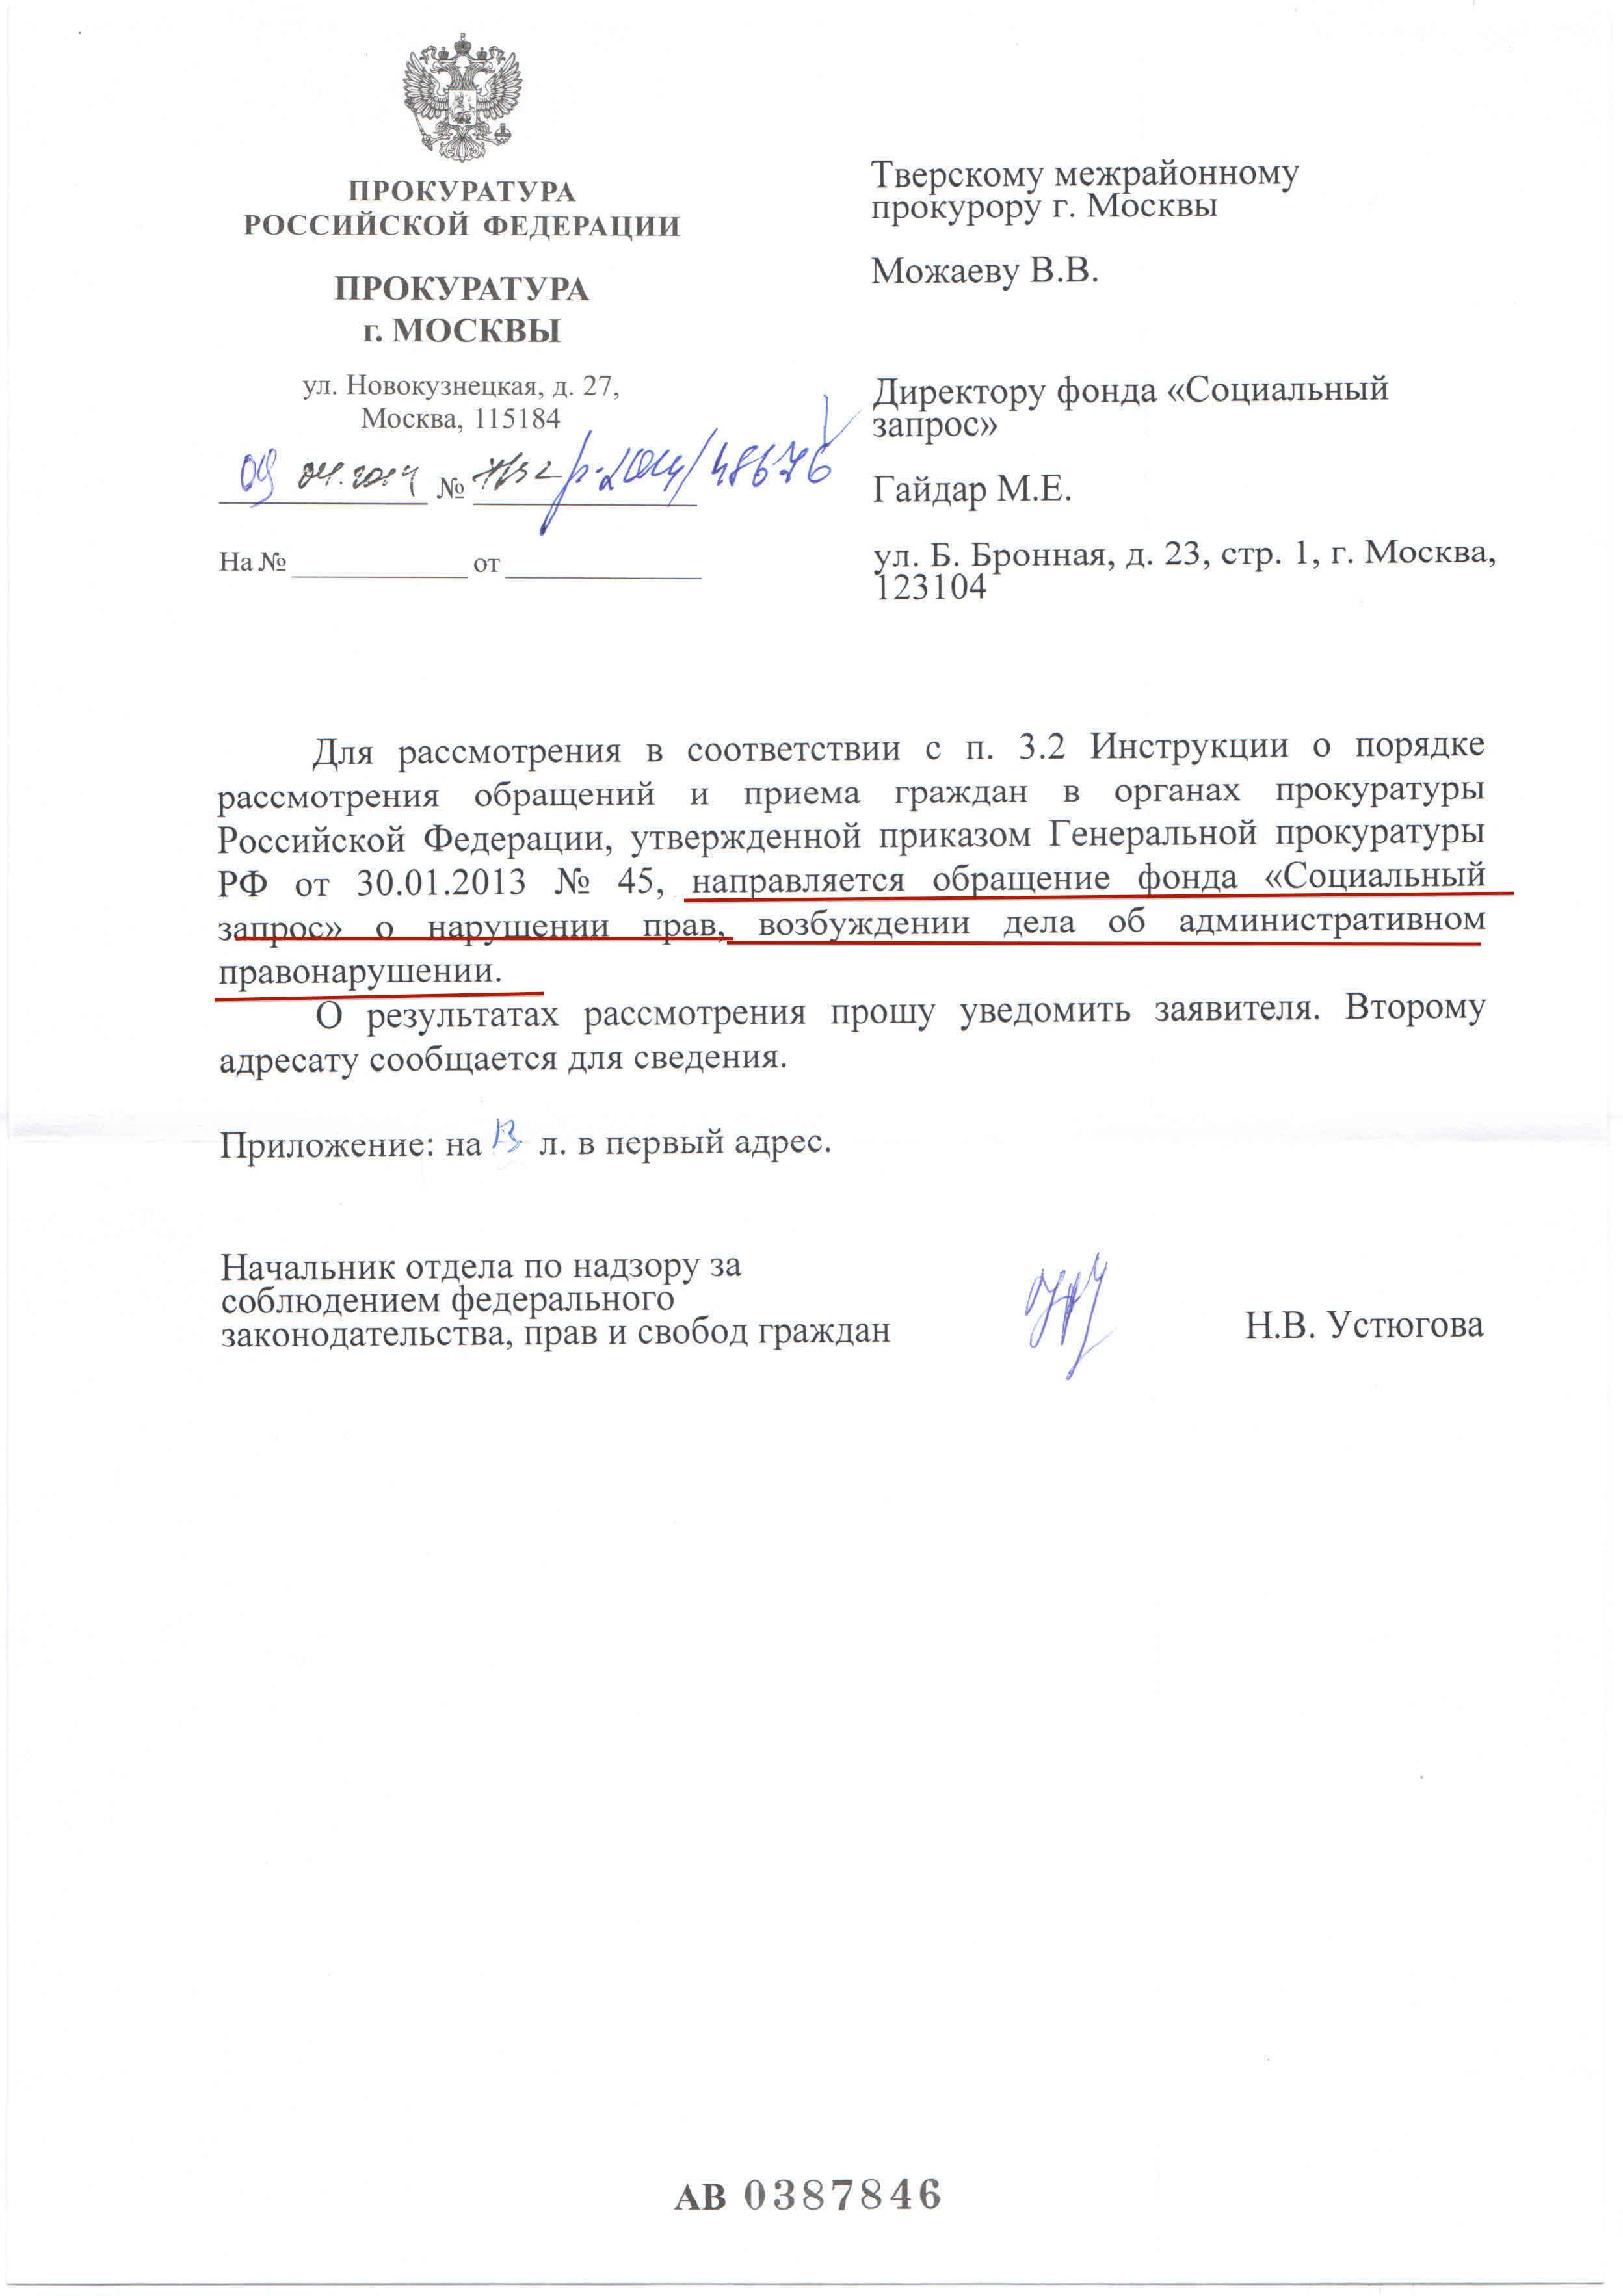 В украине начинается информационная революция » керчь. Фм вся.